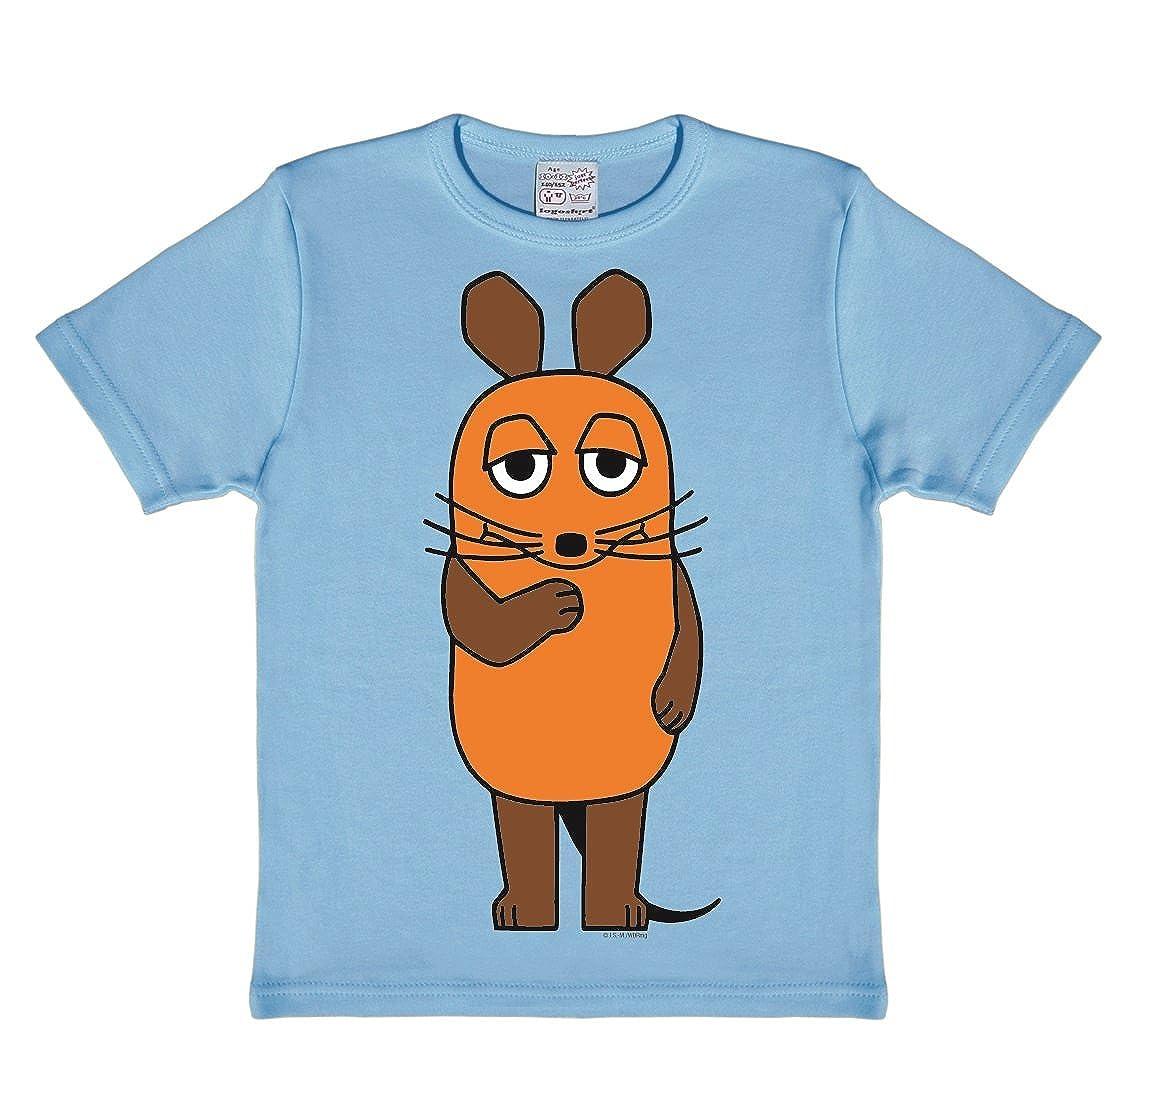 Logoshirt Die Sendung mit der Maus - Die Maus T-Shirt Kinder - hellblau - Lizenziertes Originaldesign 080-0255/025